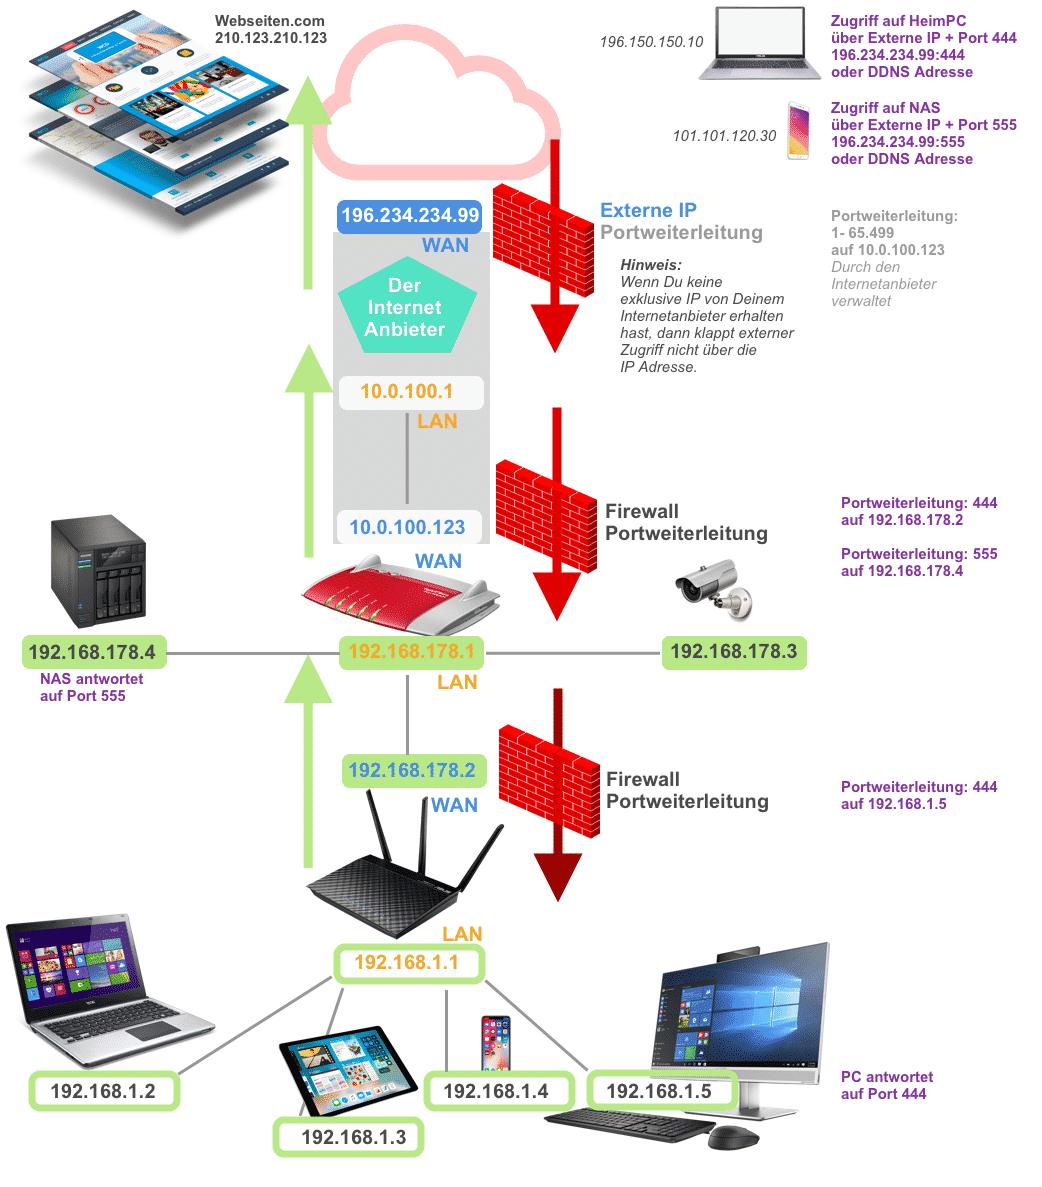 Schematische Darstellung ASUS Router konfiguration für externen Zugriff